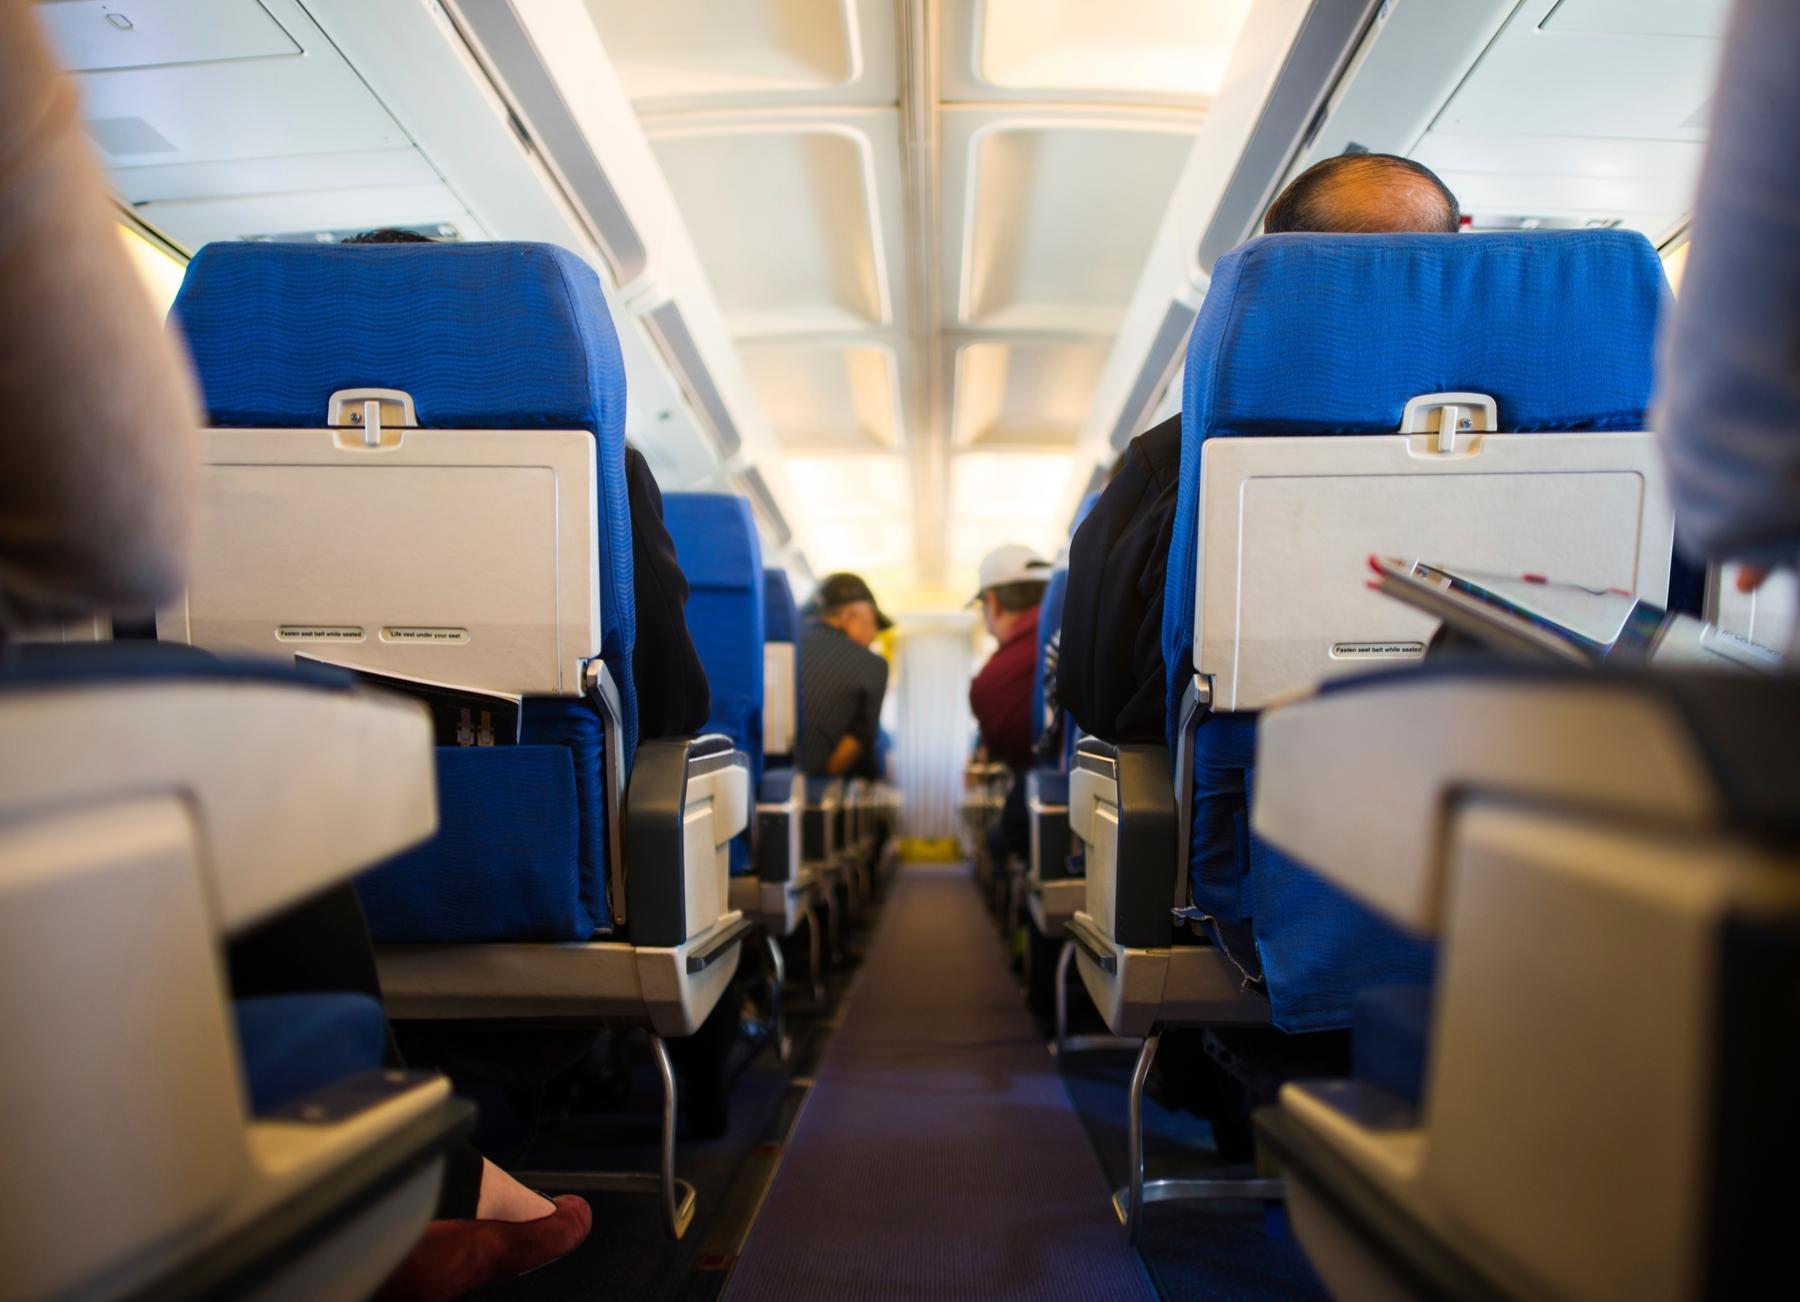 Aan boord van een vliegtuig